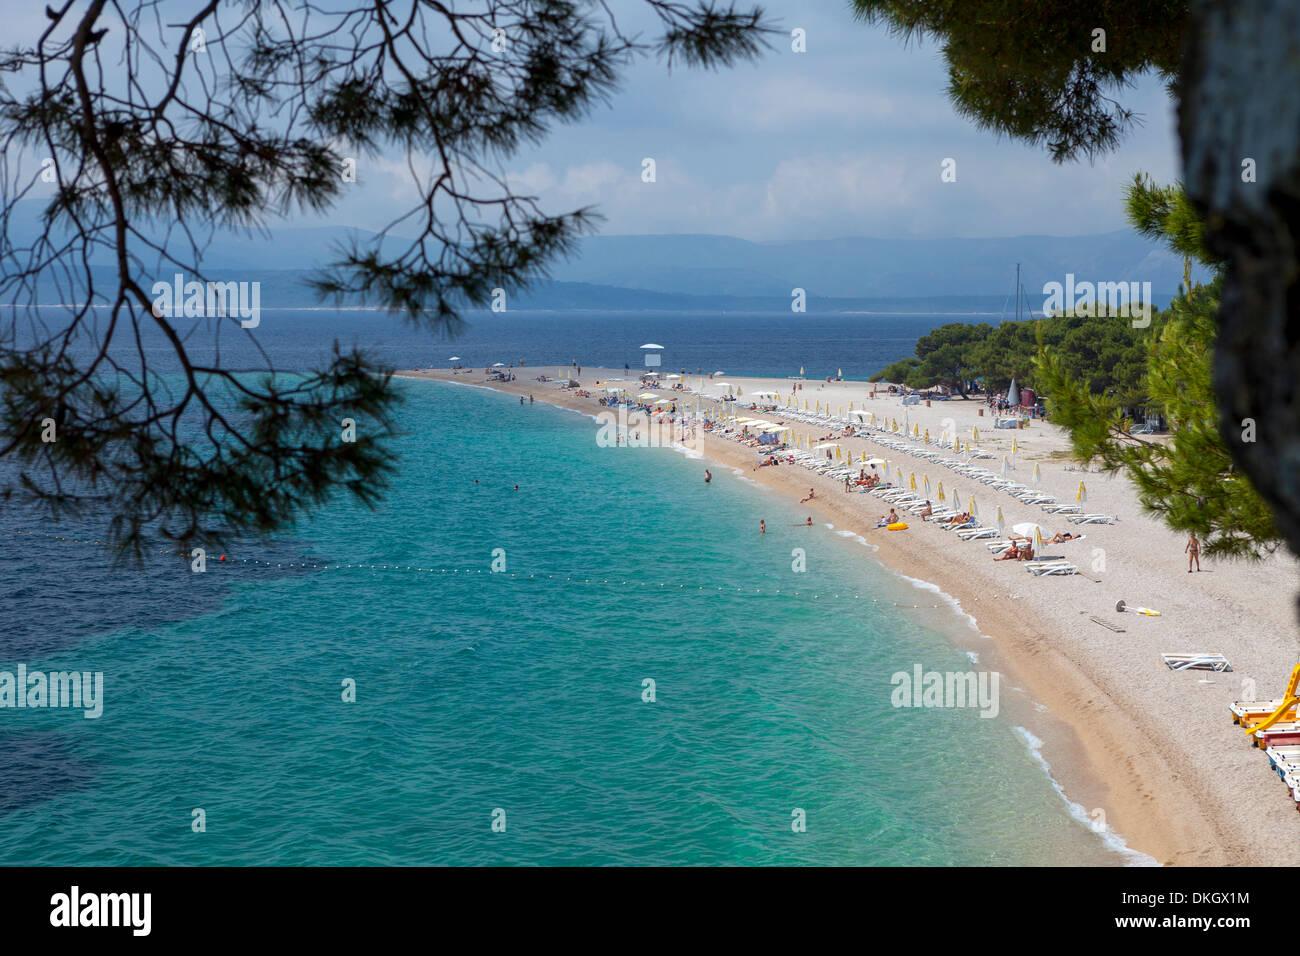 Bol, Ziatni Rat beach, Brac Island, Dalmatian Coast, Croatia, Europe - Stock Image